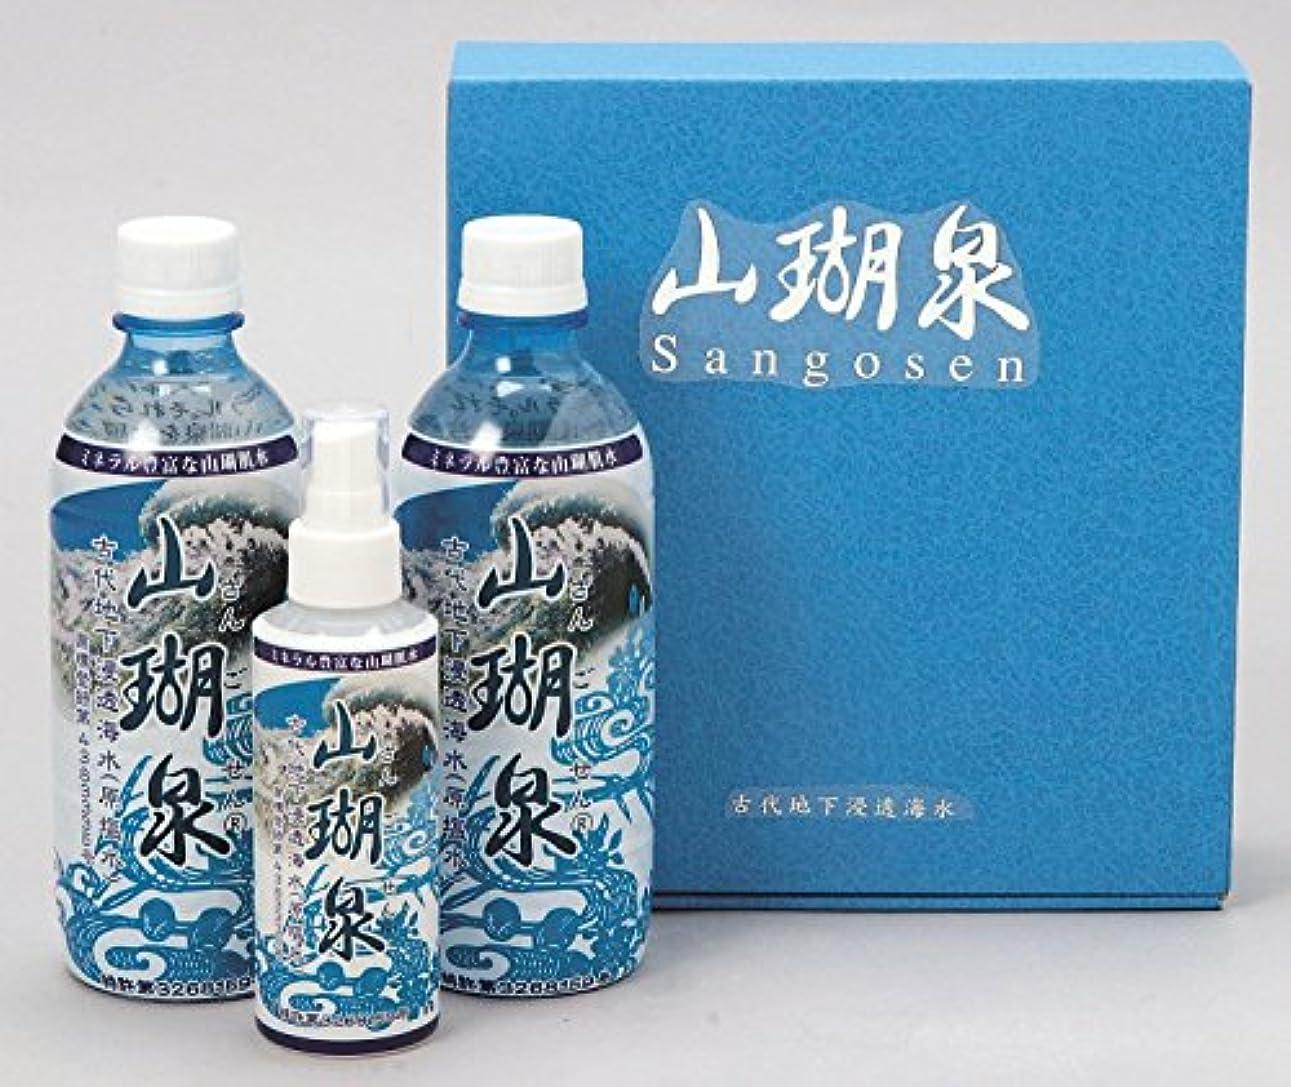 織機分子謝罪する山瑚泉(化粧水)セット